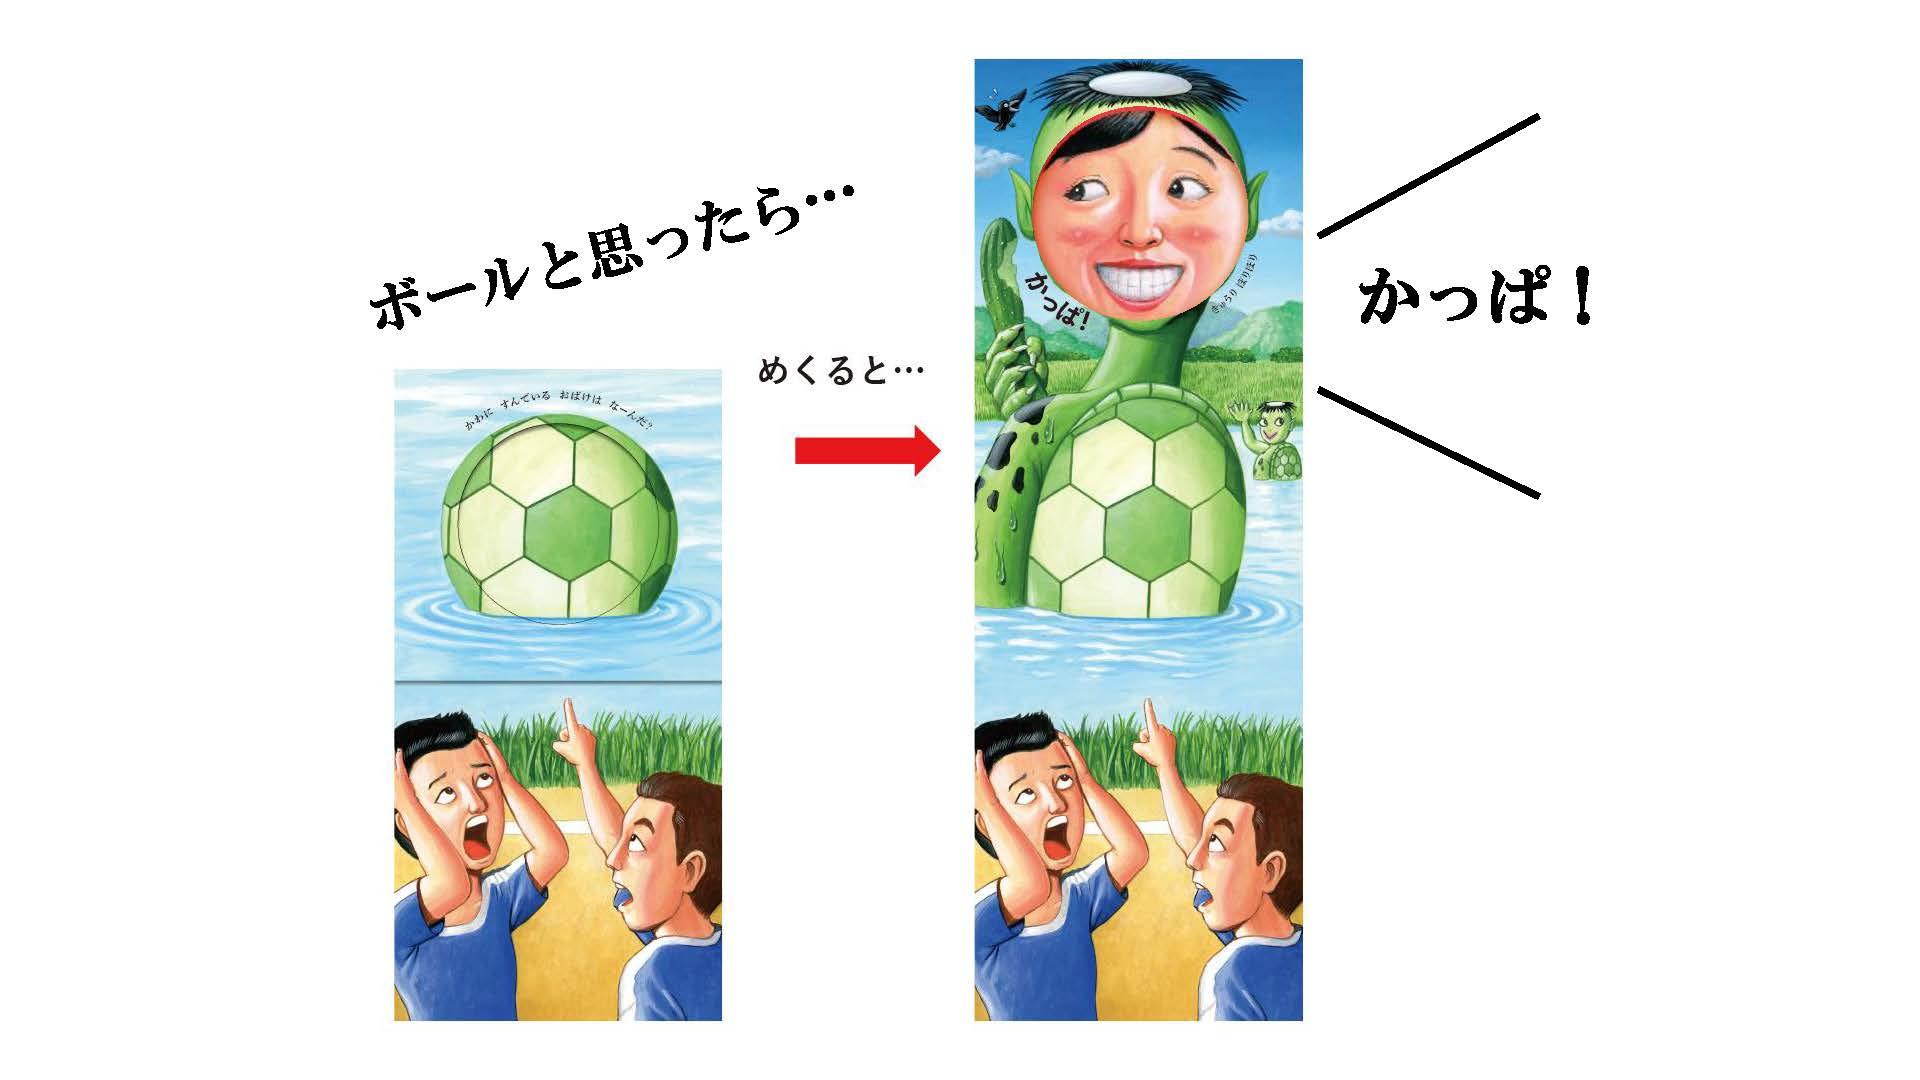 サッカーボールが「かっぱ」になった 画像